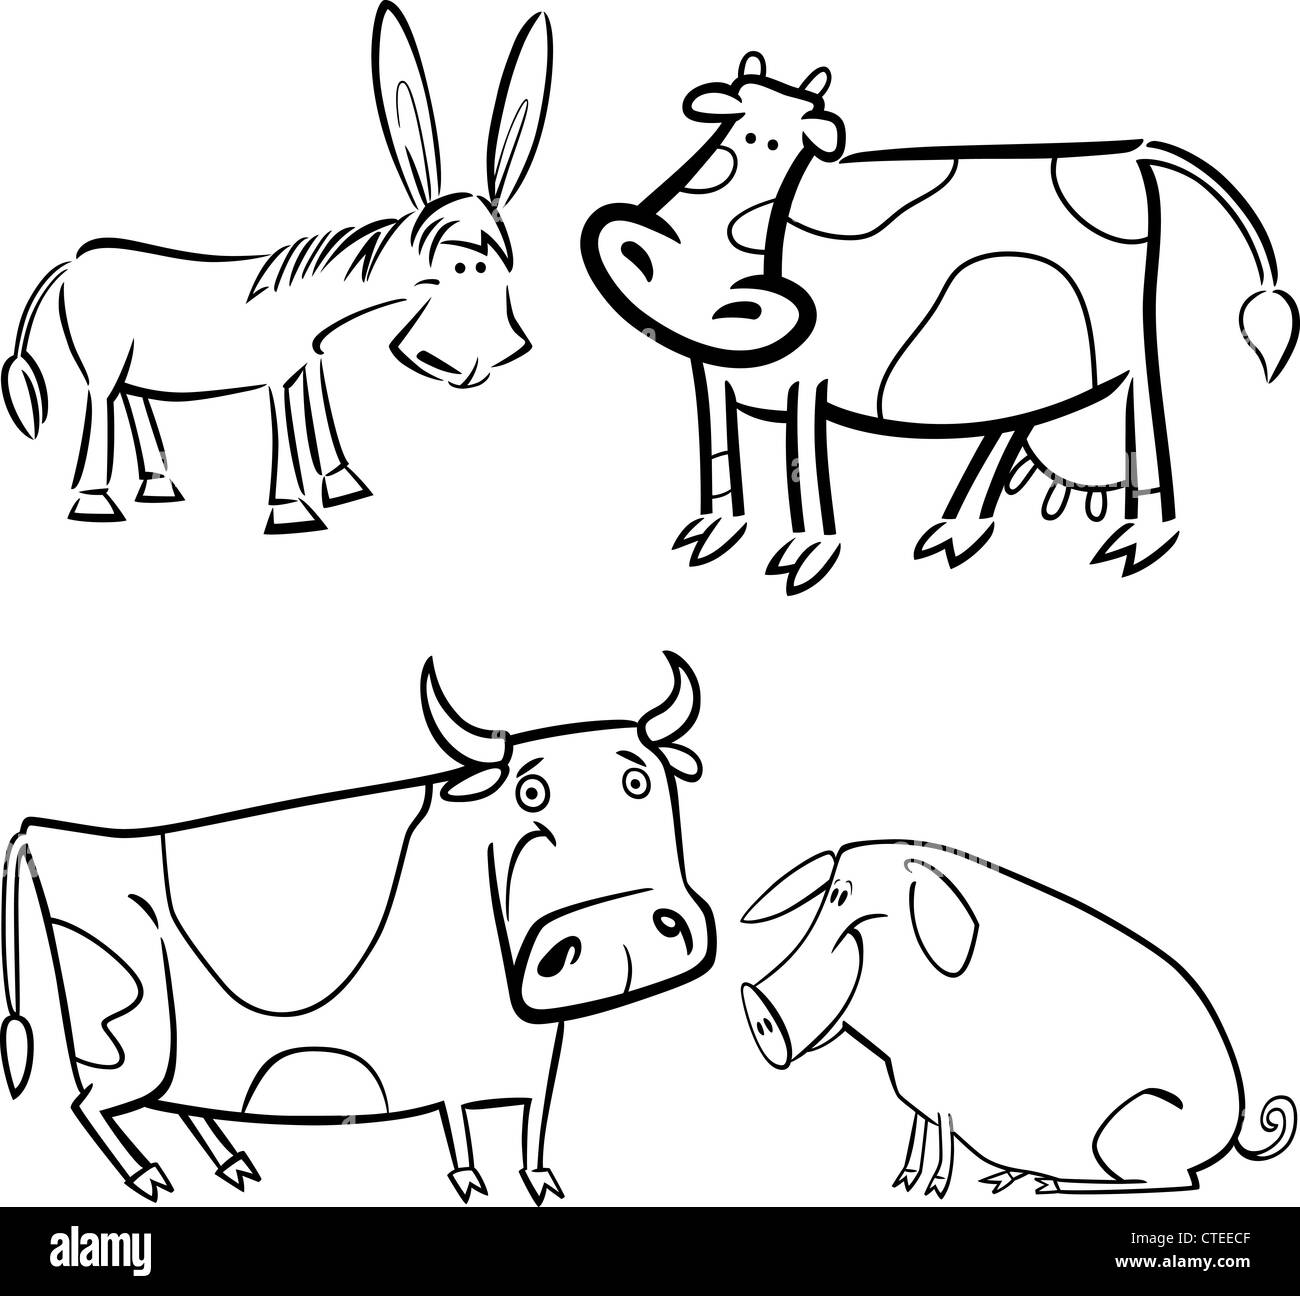 Ilustración De Dibujos Animados De Cuatro Lindos Animales De